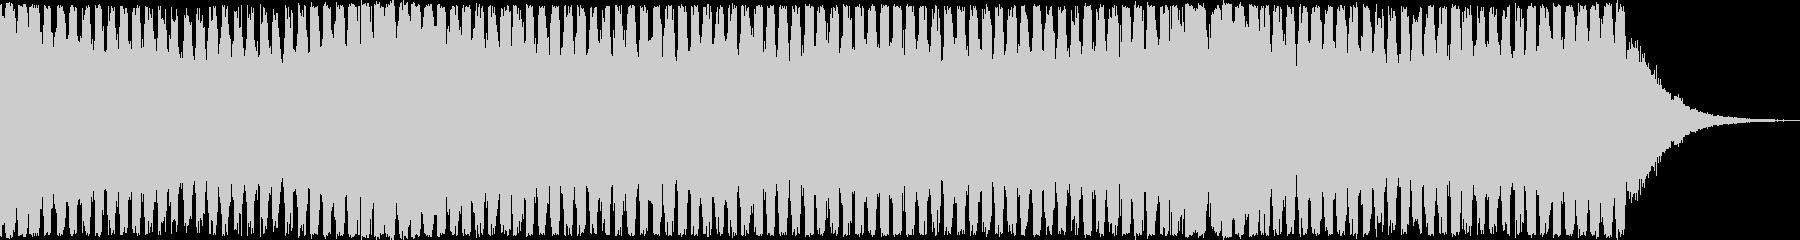 4打ちのトランス系EDMの未再生の波形